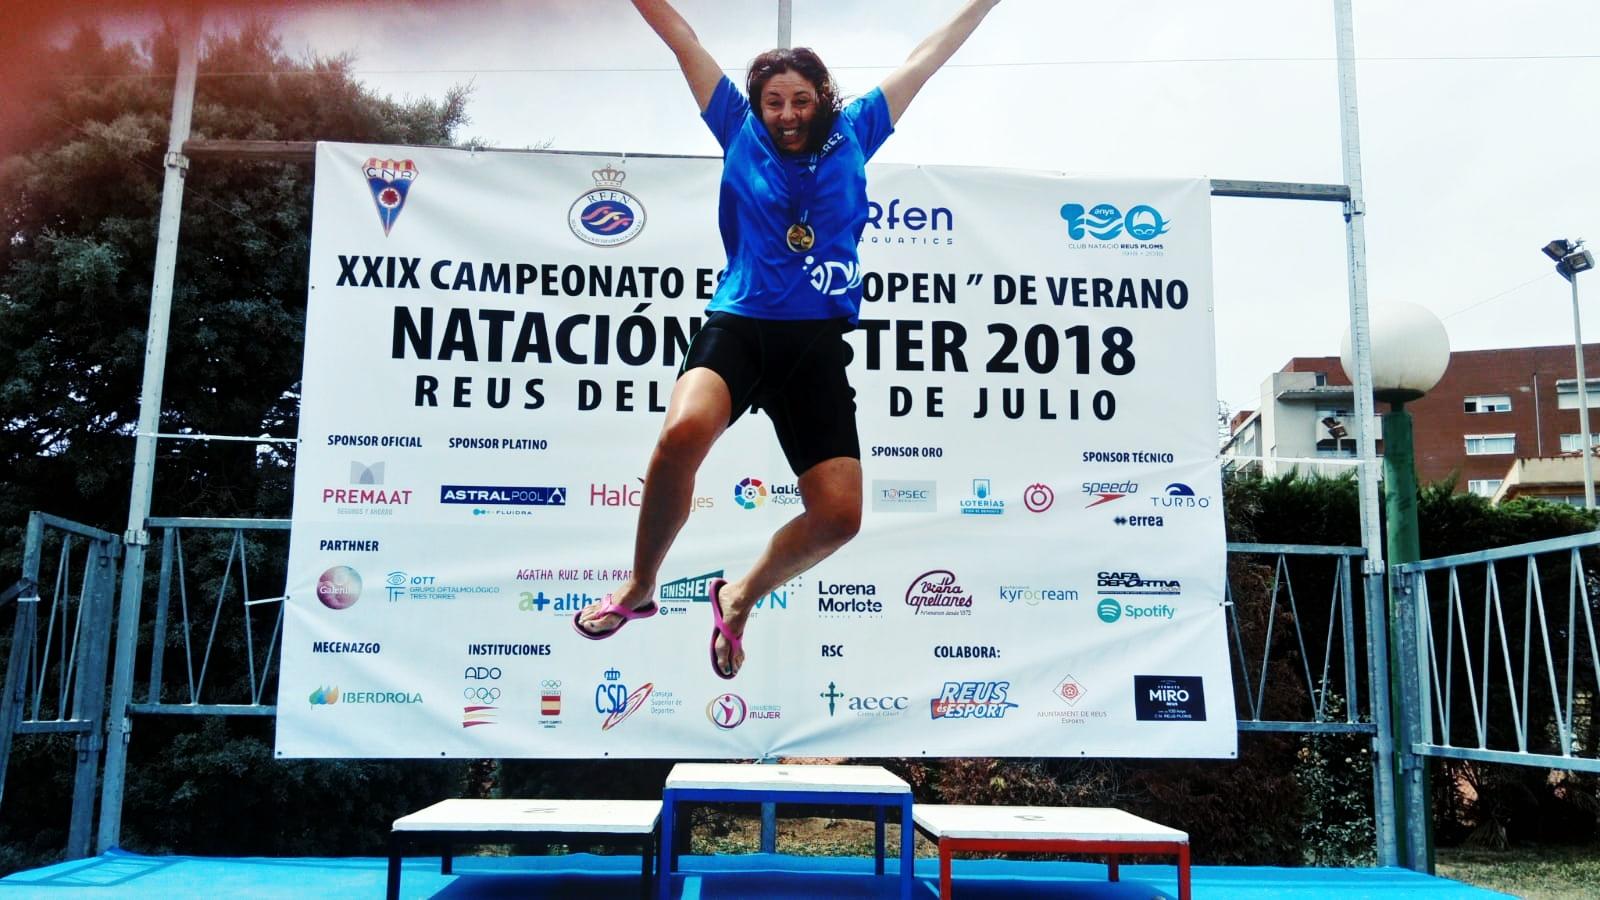 Regla Tristan «ORO» en el 4x100m en el Cto. de España Open de Verano Natación Master